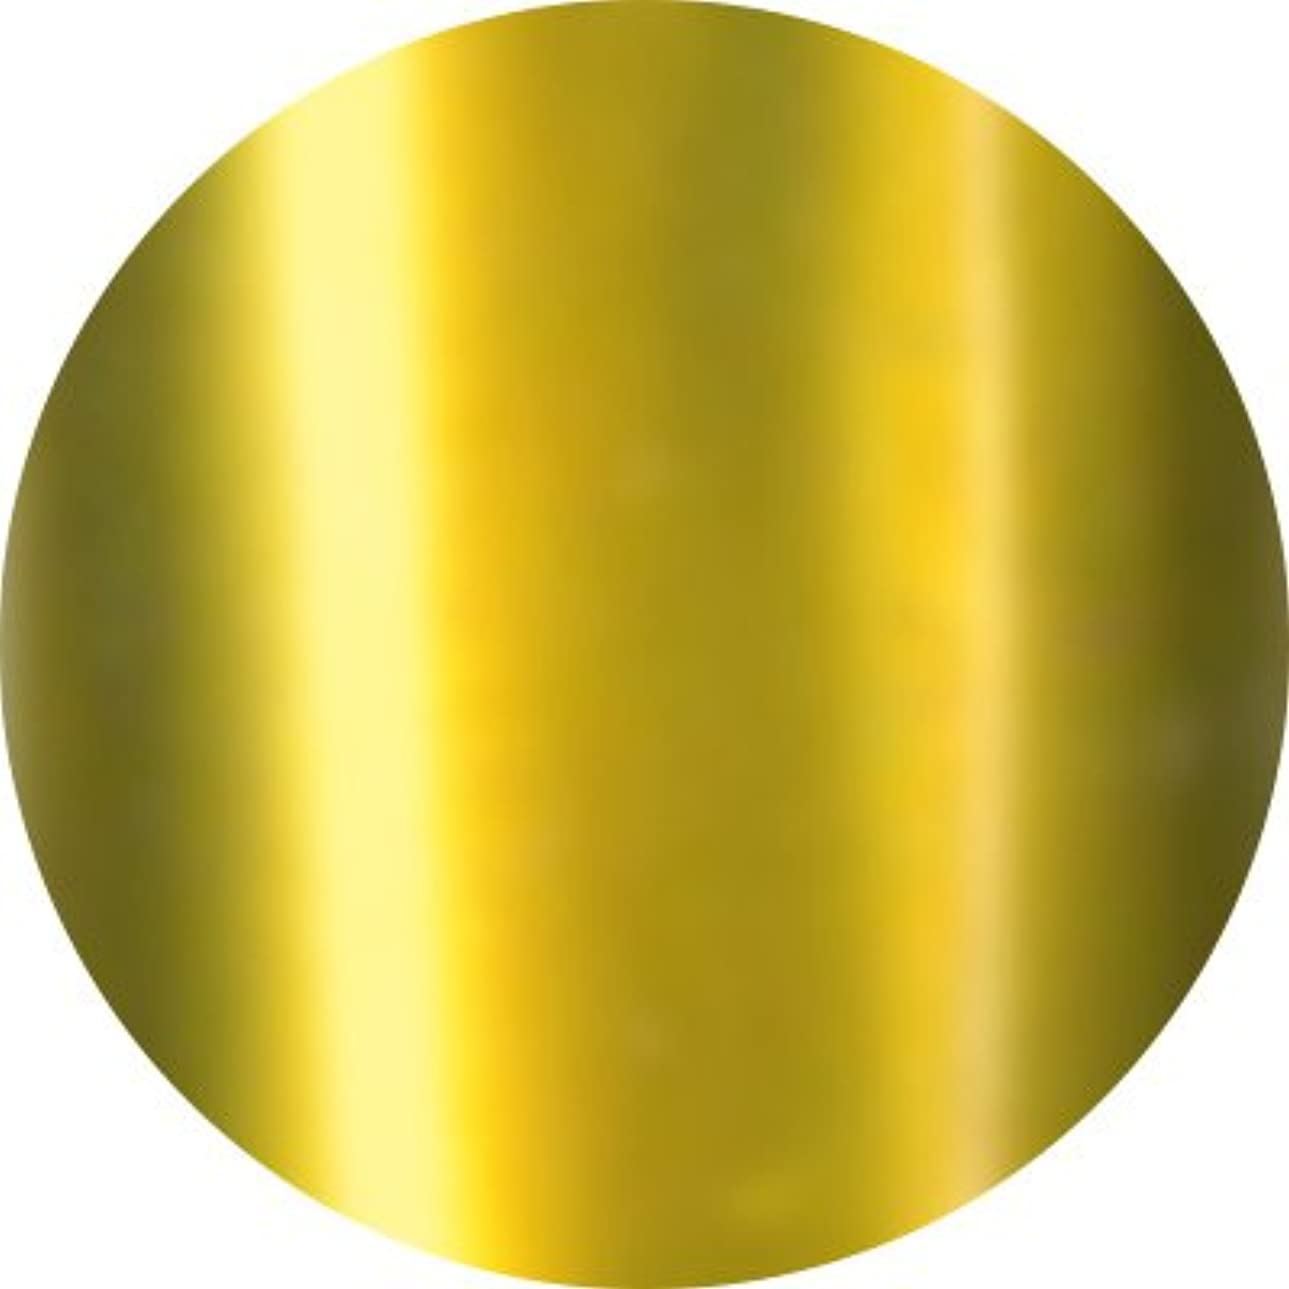 番目結果その他Jewelry jel(ジュエリージェル) カラージェル 5ml<BR>ピッカピカメタリック MKゴールド